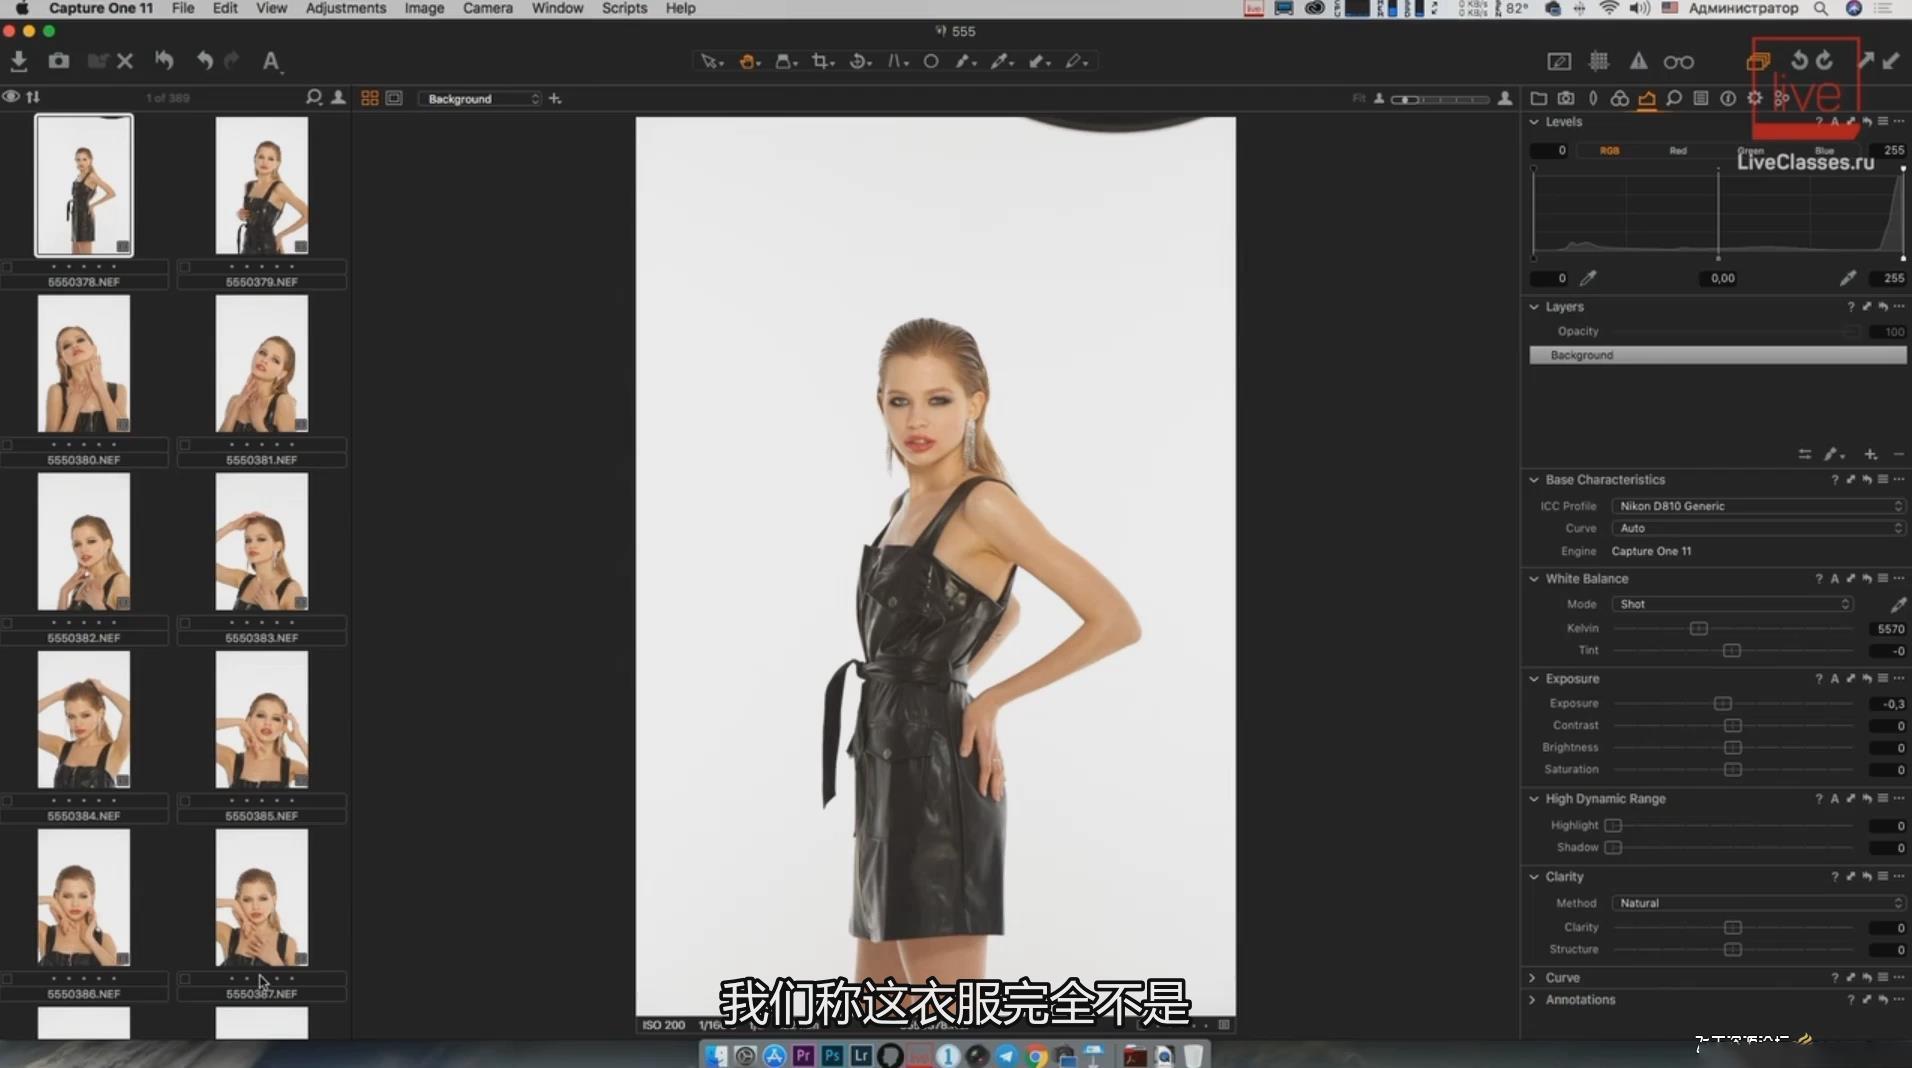 摄影教程_Liveclasses -Alexander Talyuka棚拍时尚杂志人像布光教程-中文字幕 摄影教程 _预览图11